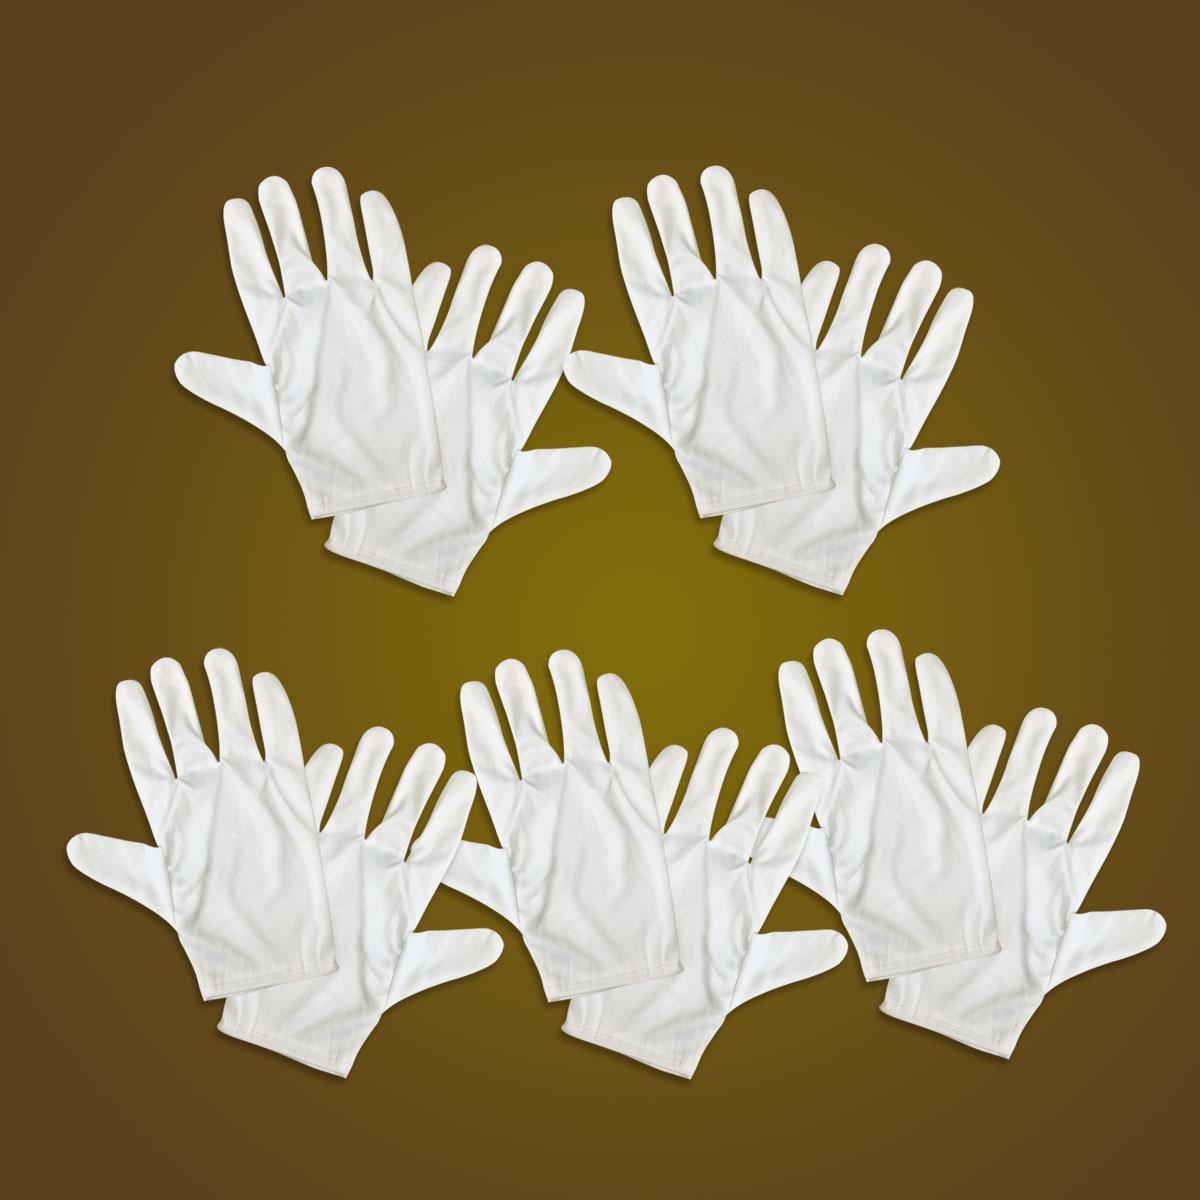 Bao tay trắng vải cotton 2 chiều (vải sẹc) cho lễ tân, bảo vệ, duyệt binh ( 5 đôi)